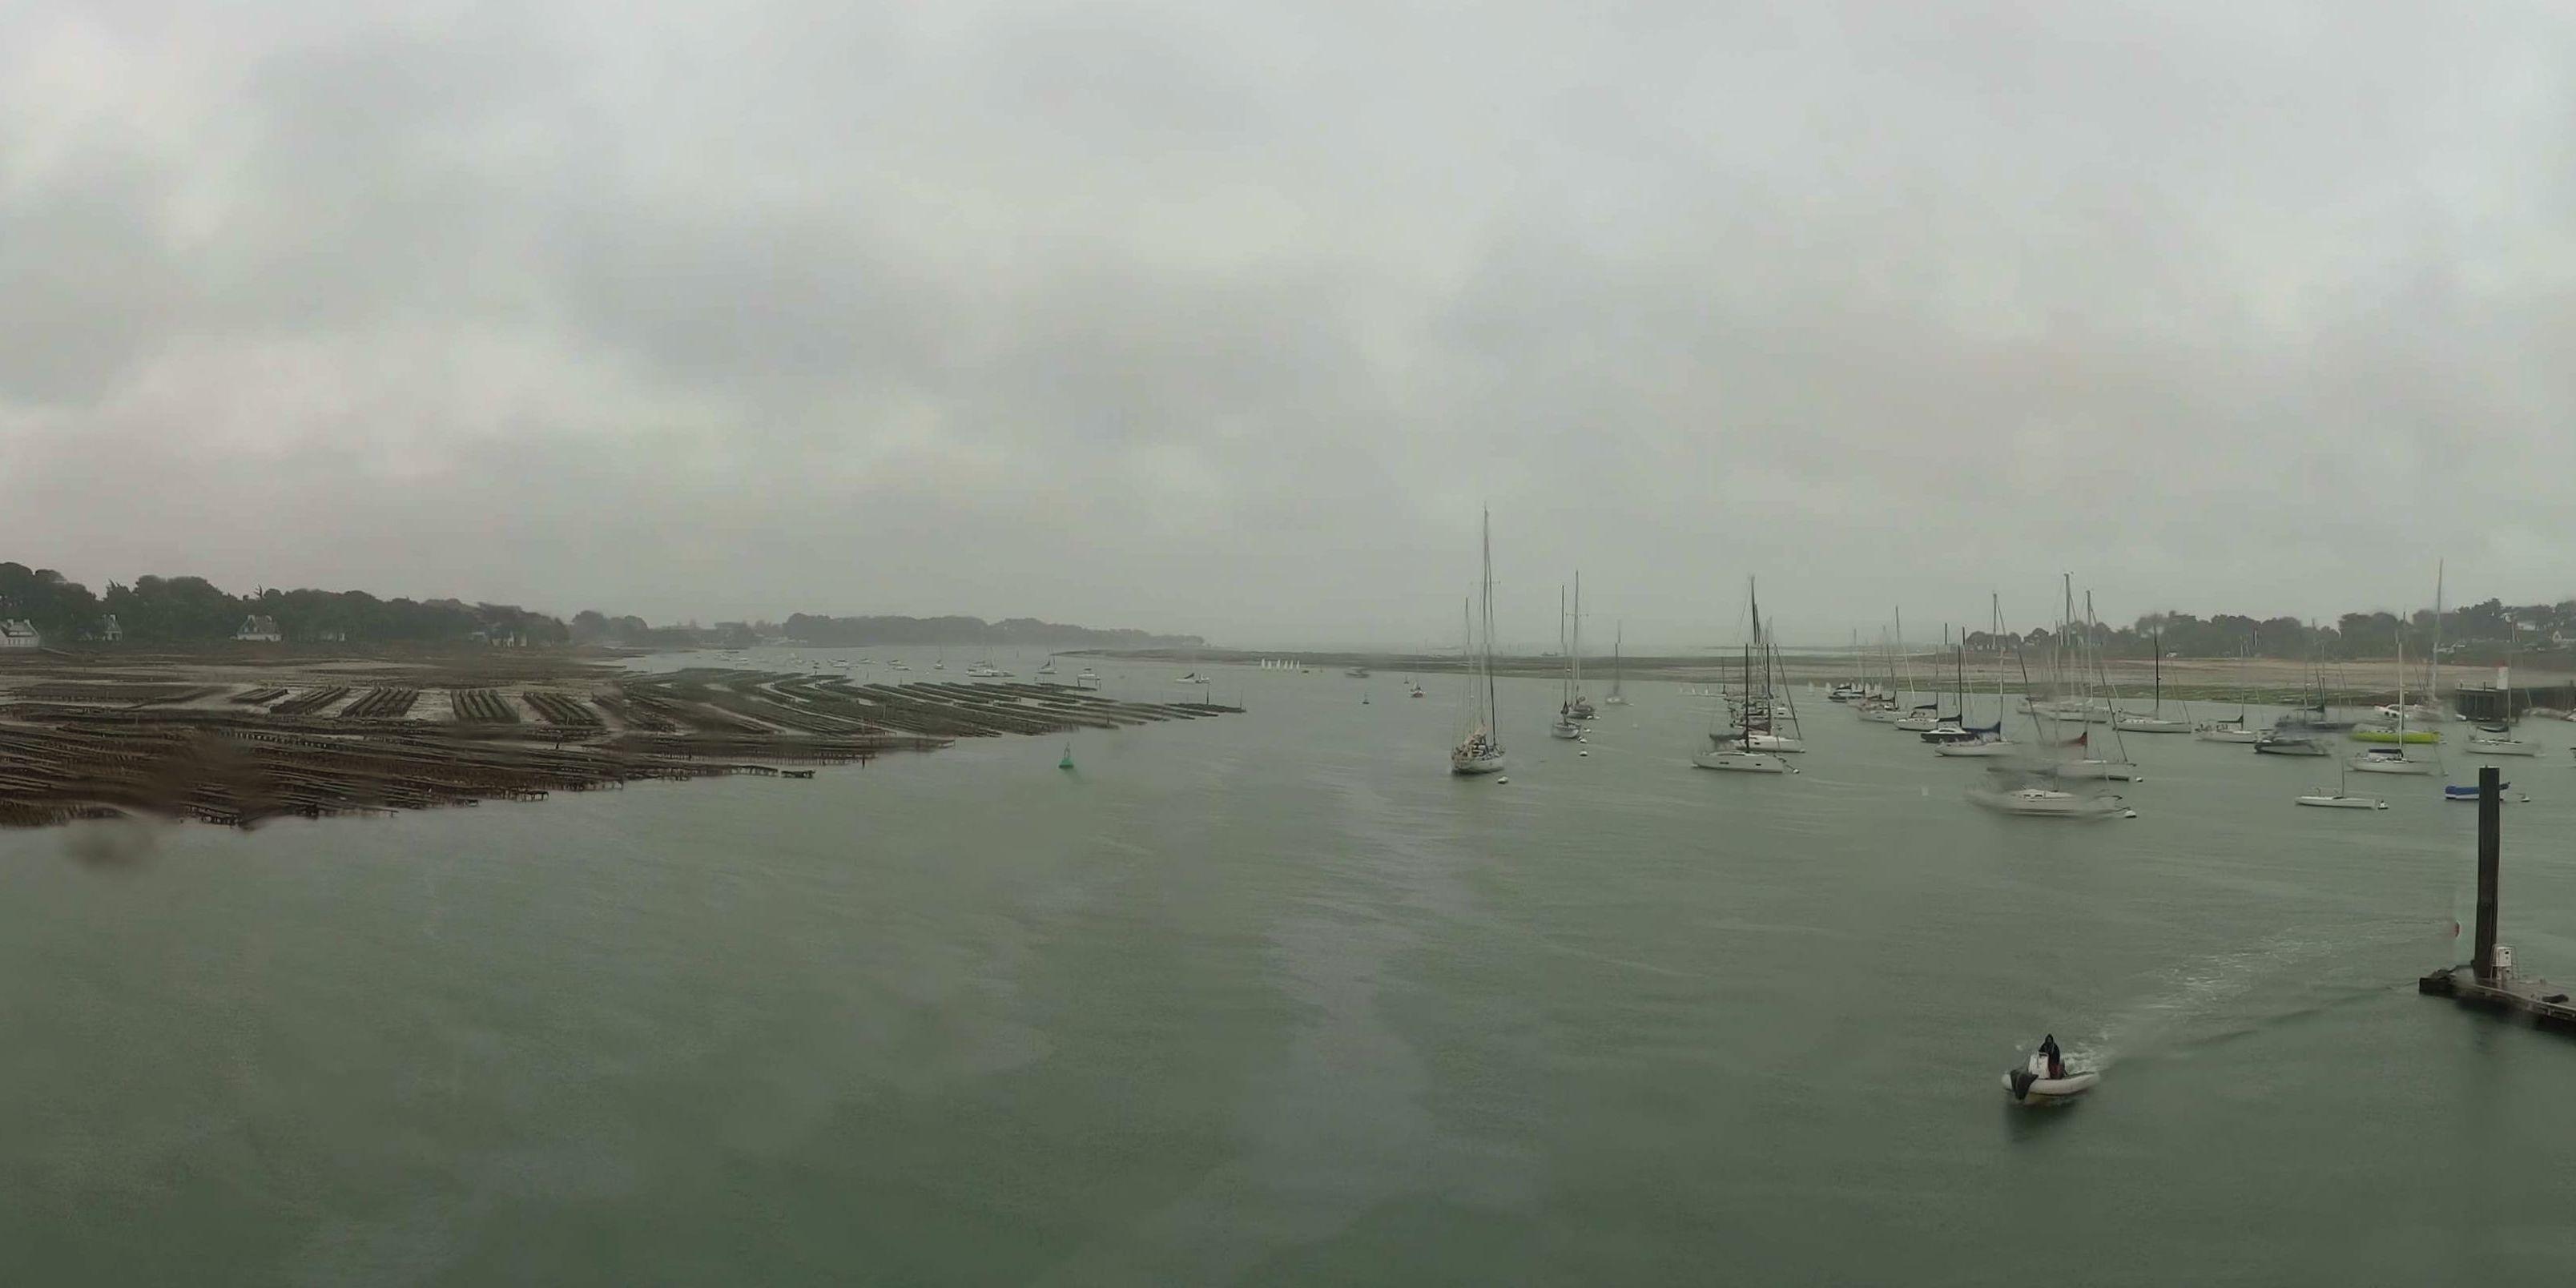 la trinite sur mer chat Office de tourisme de la trinité sur mer, en bretagne sud, dans le morbihan découvrez le port de plaisance, les plages, les hébergements, les restaurants de la trinité sur mer.